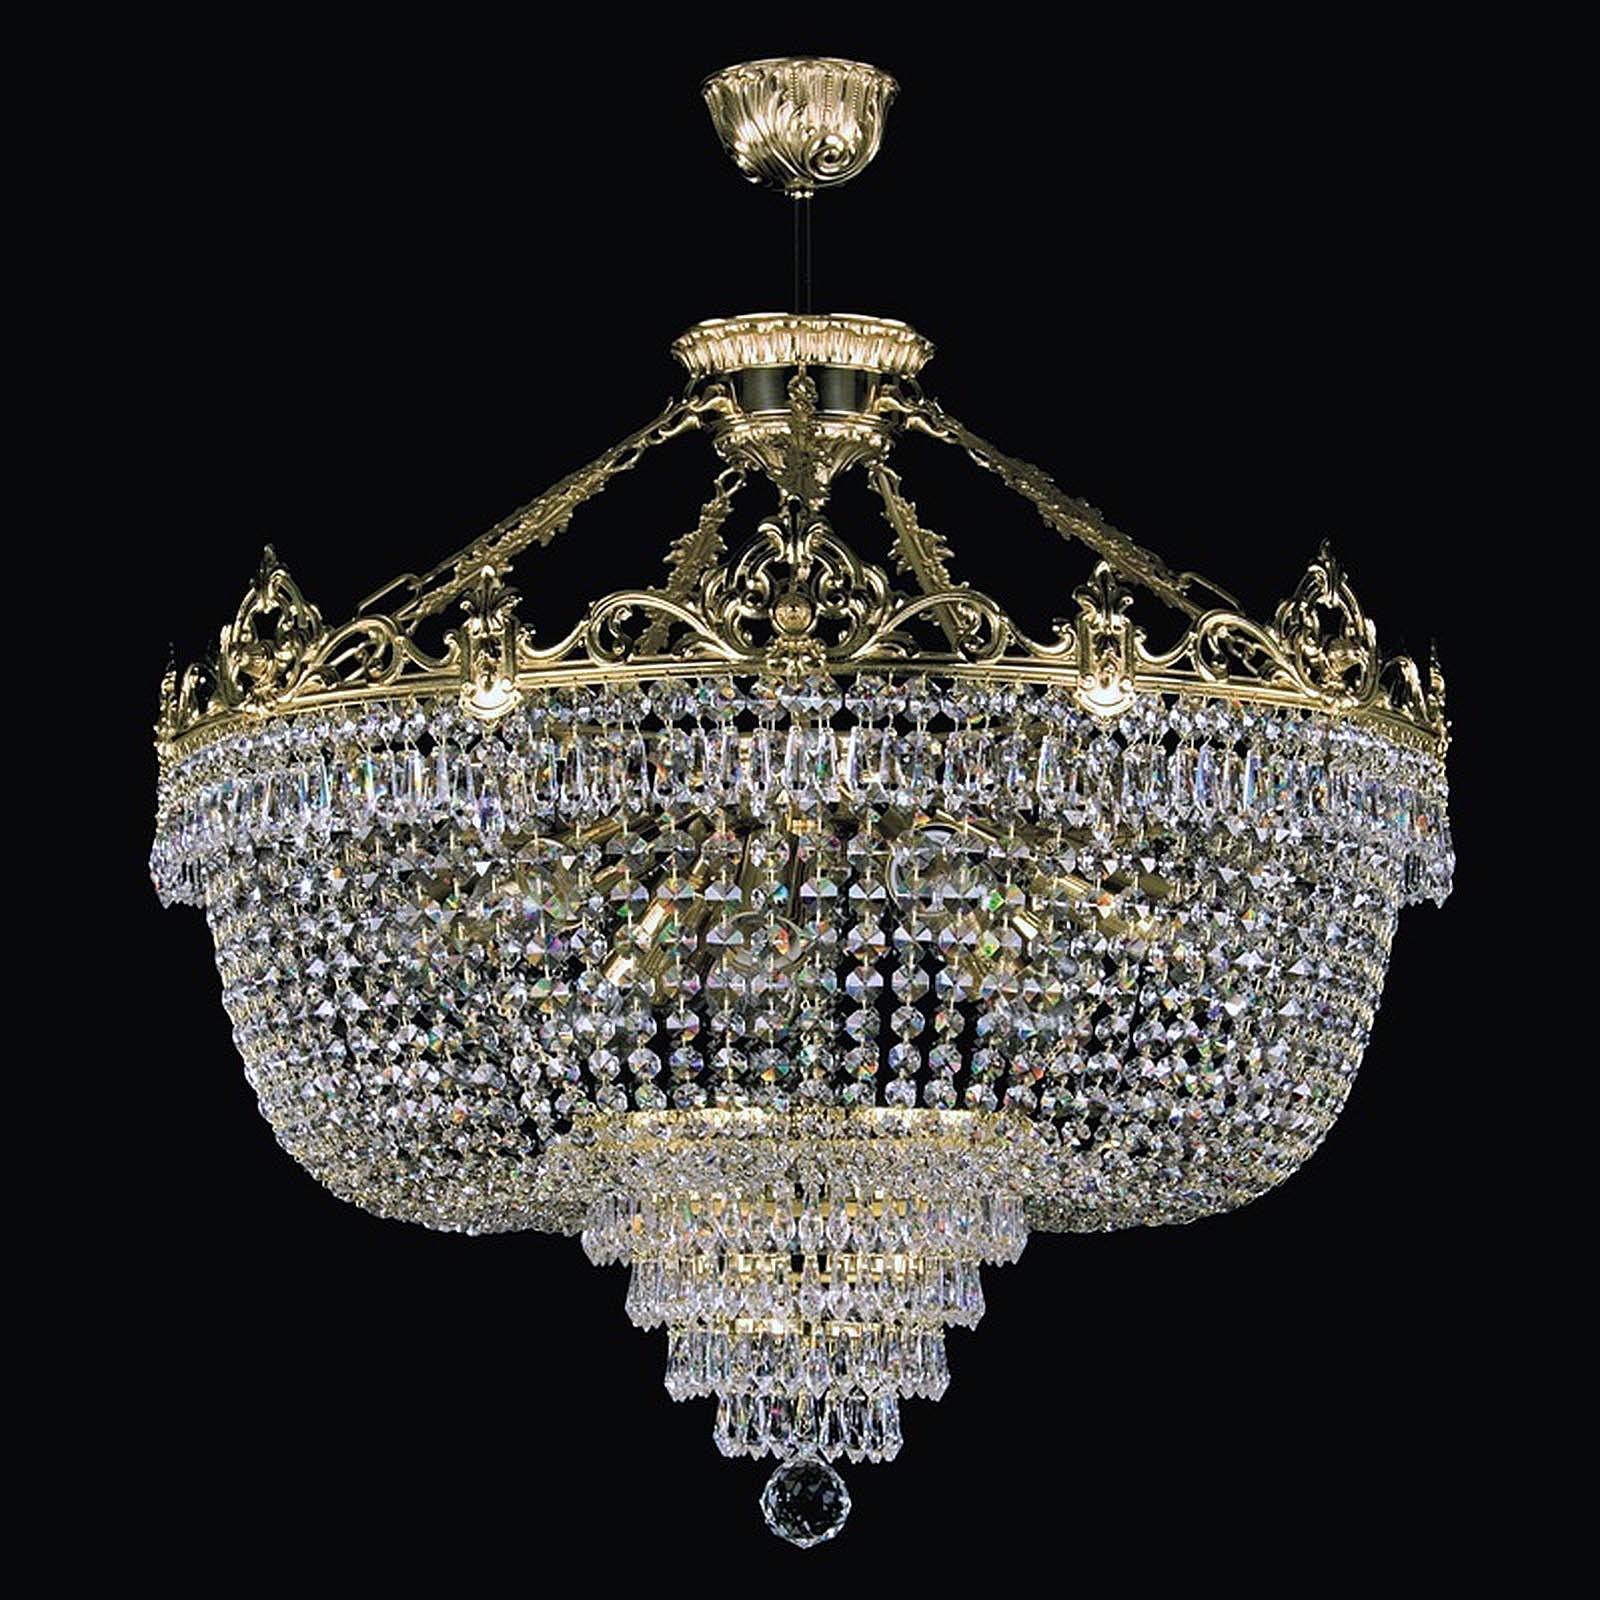 kristallleuchter corina iii leuchten und lampen in der. Black Bedroom Furniture Sets. Home Design Ideas